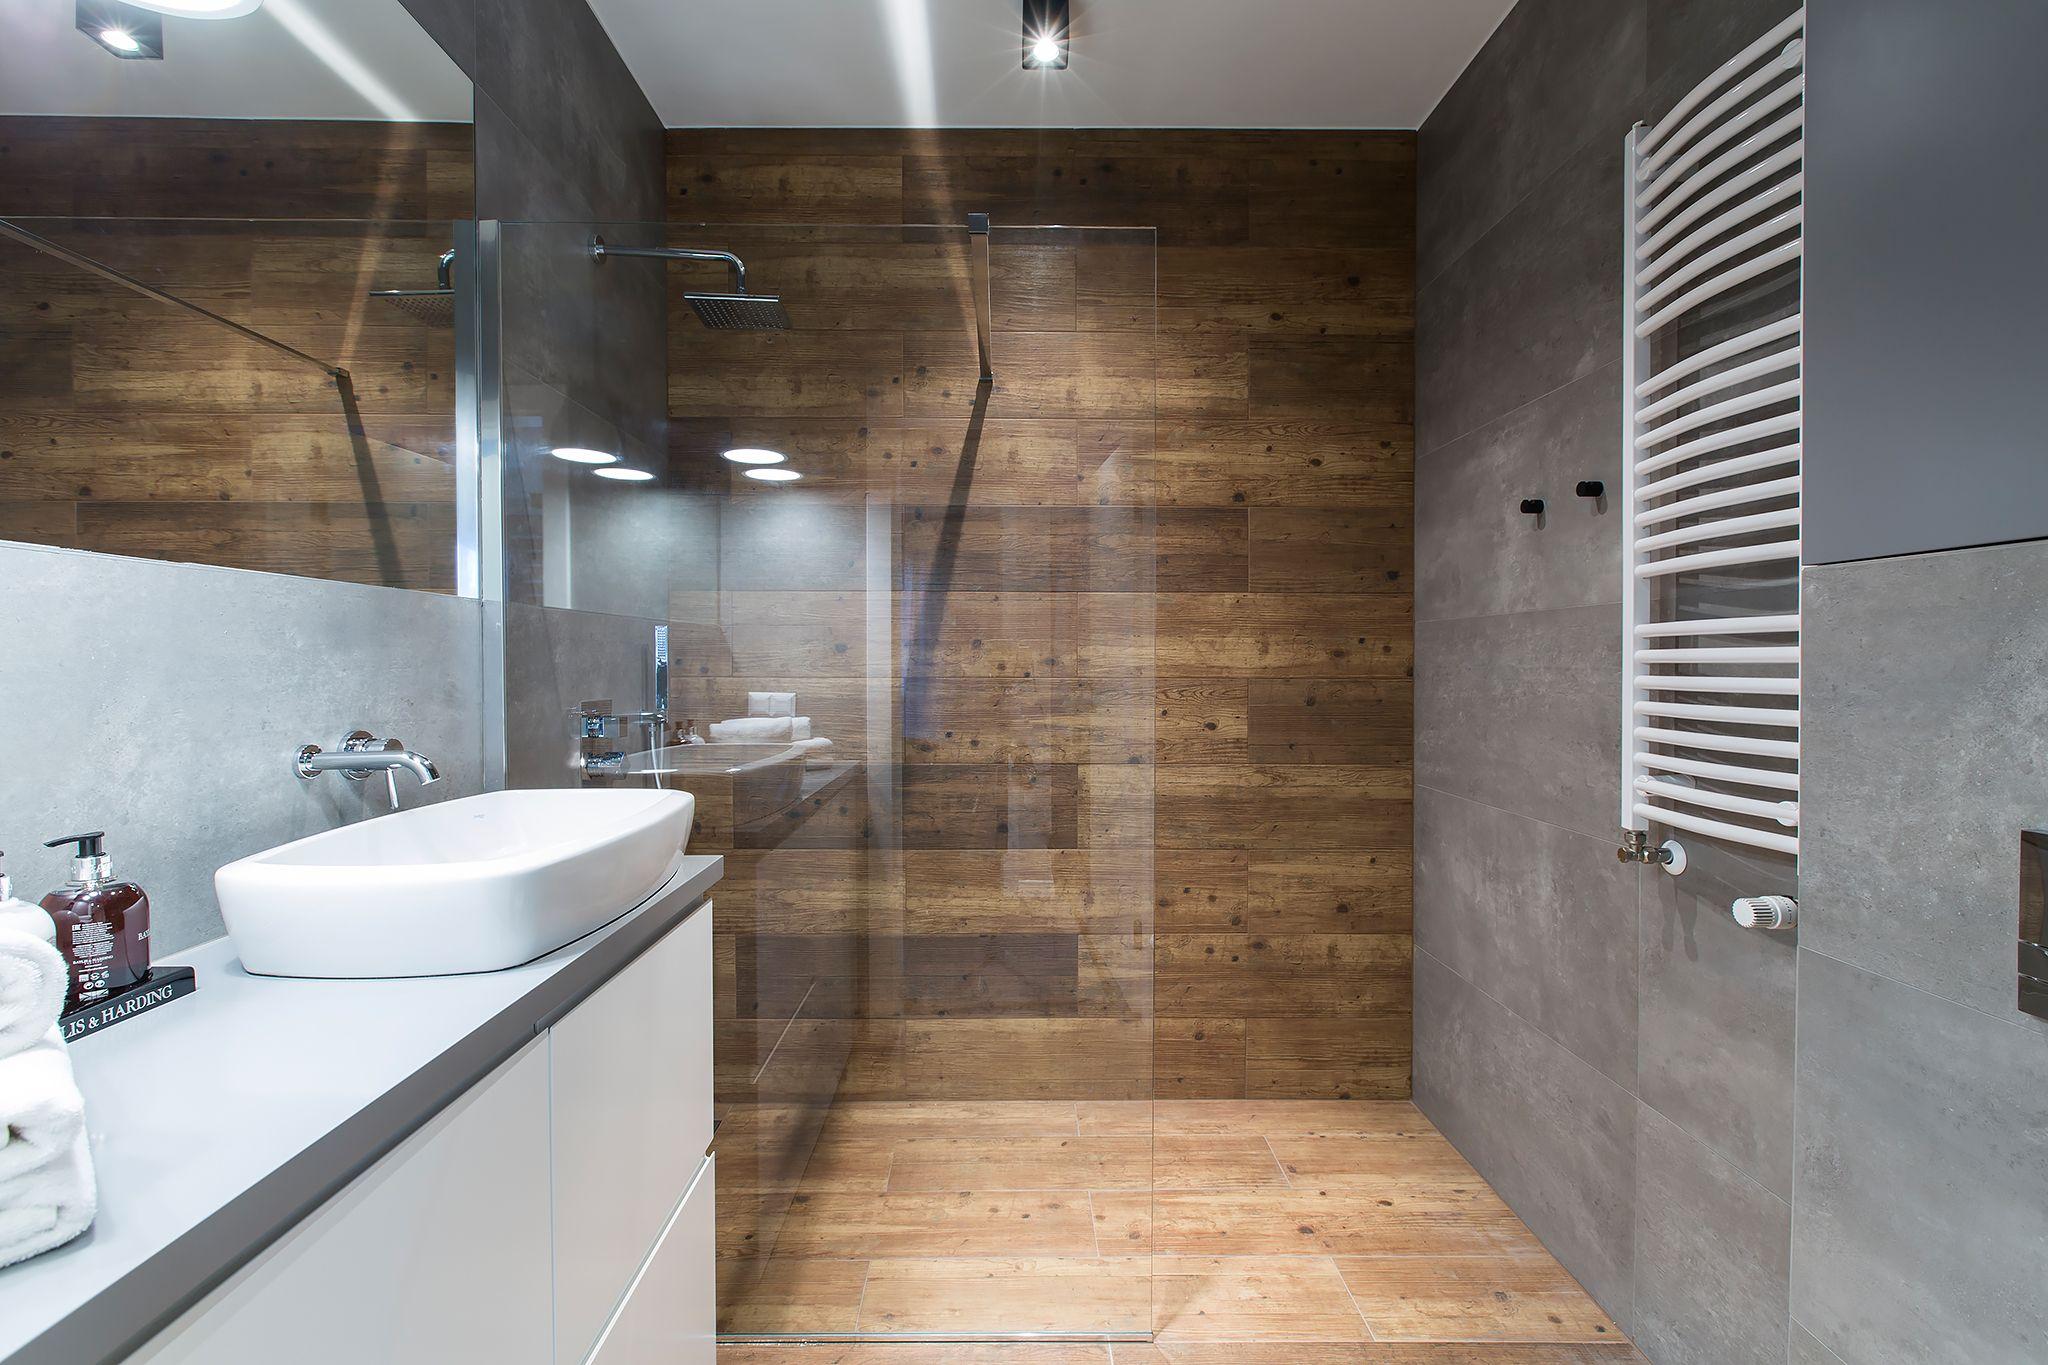 Drewno Beton I Szkło W łazience Interior W 2019 Wnętrza